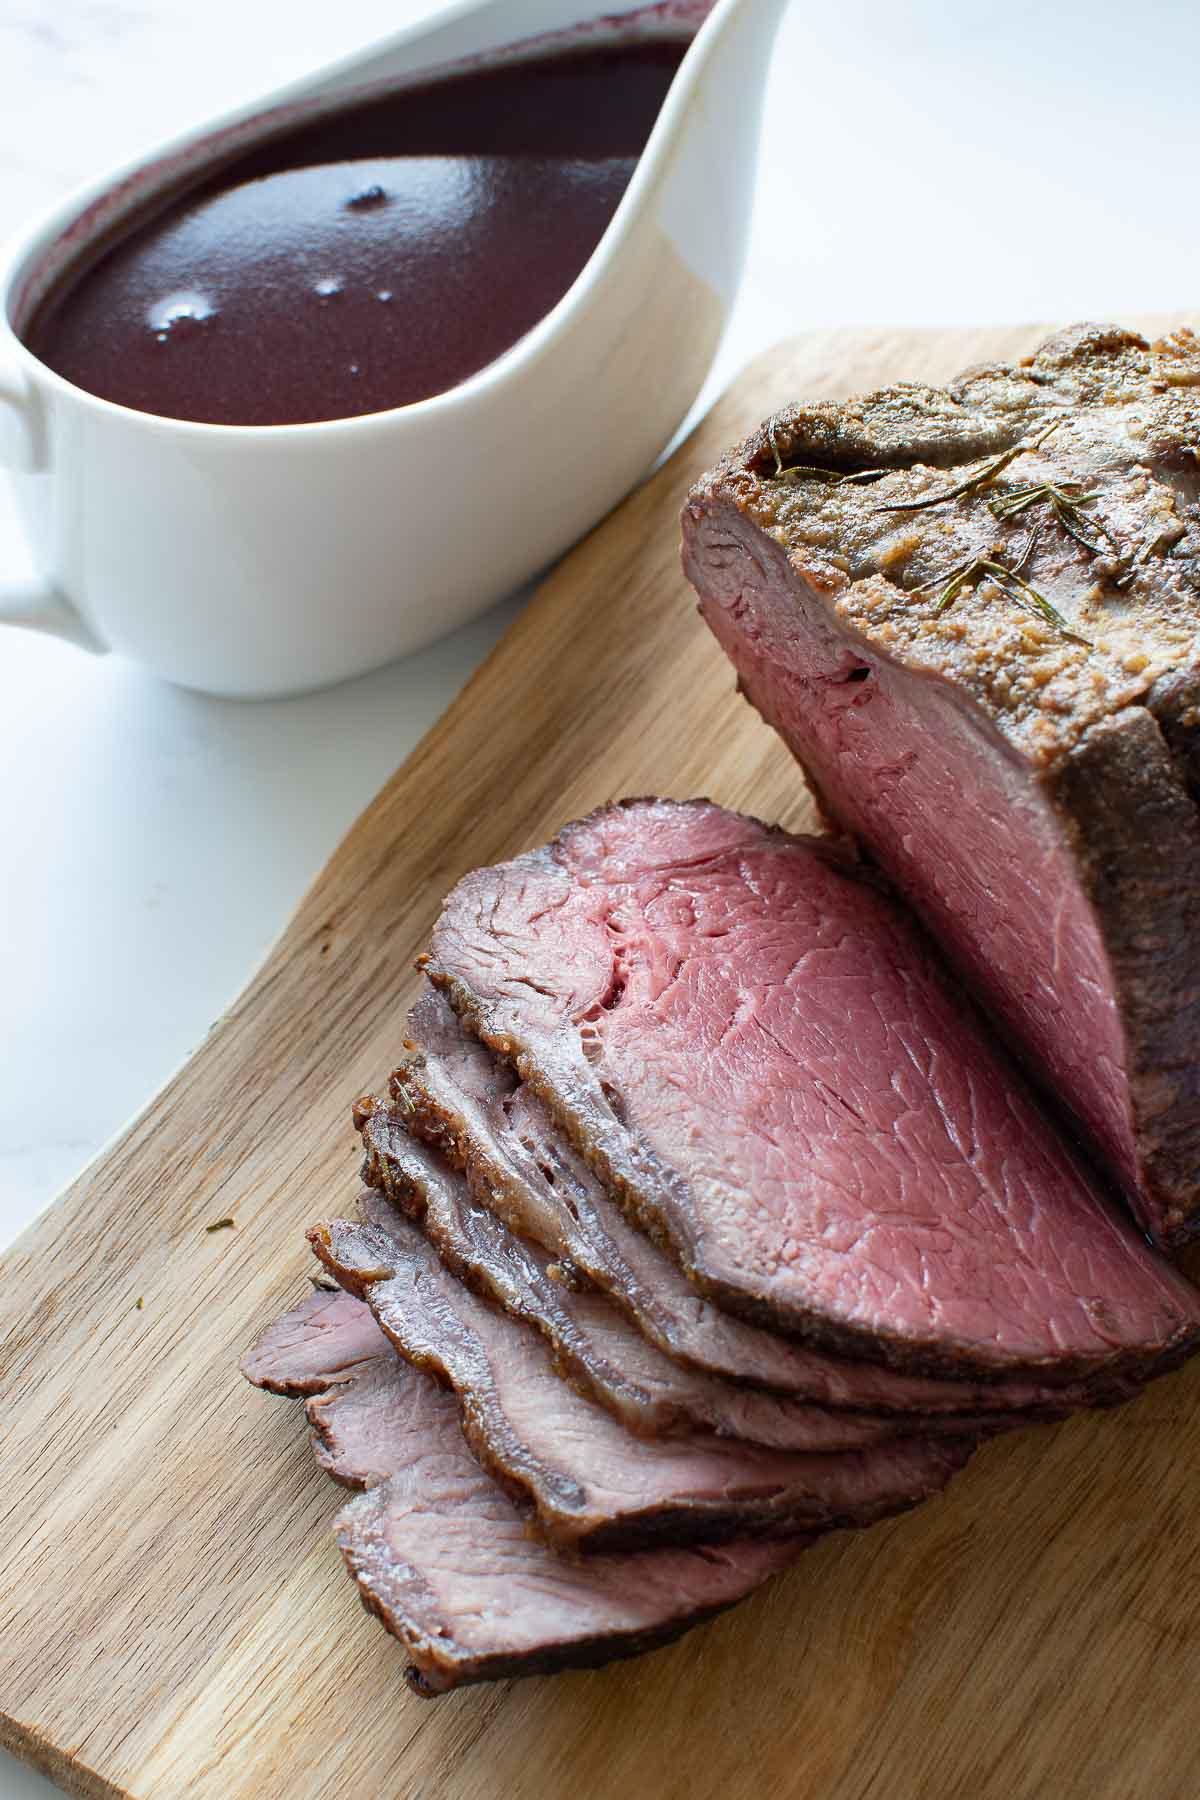 Sliced medium rare roast beef.